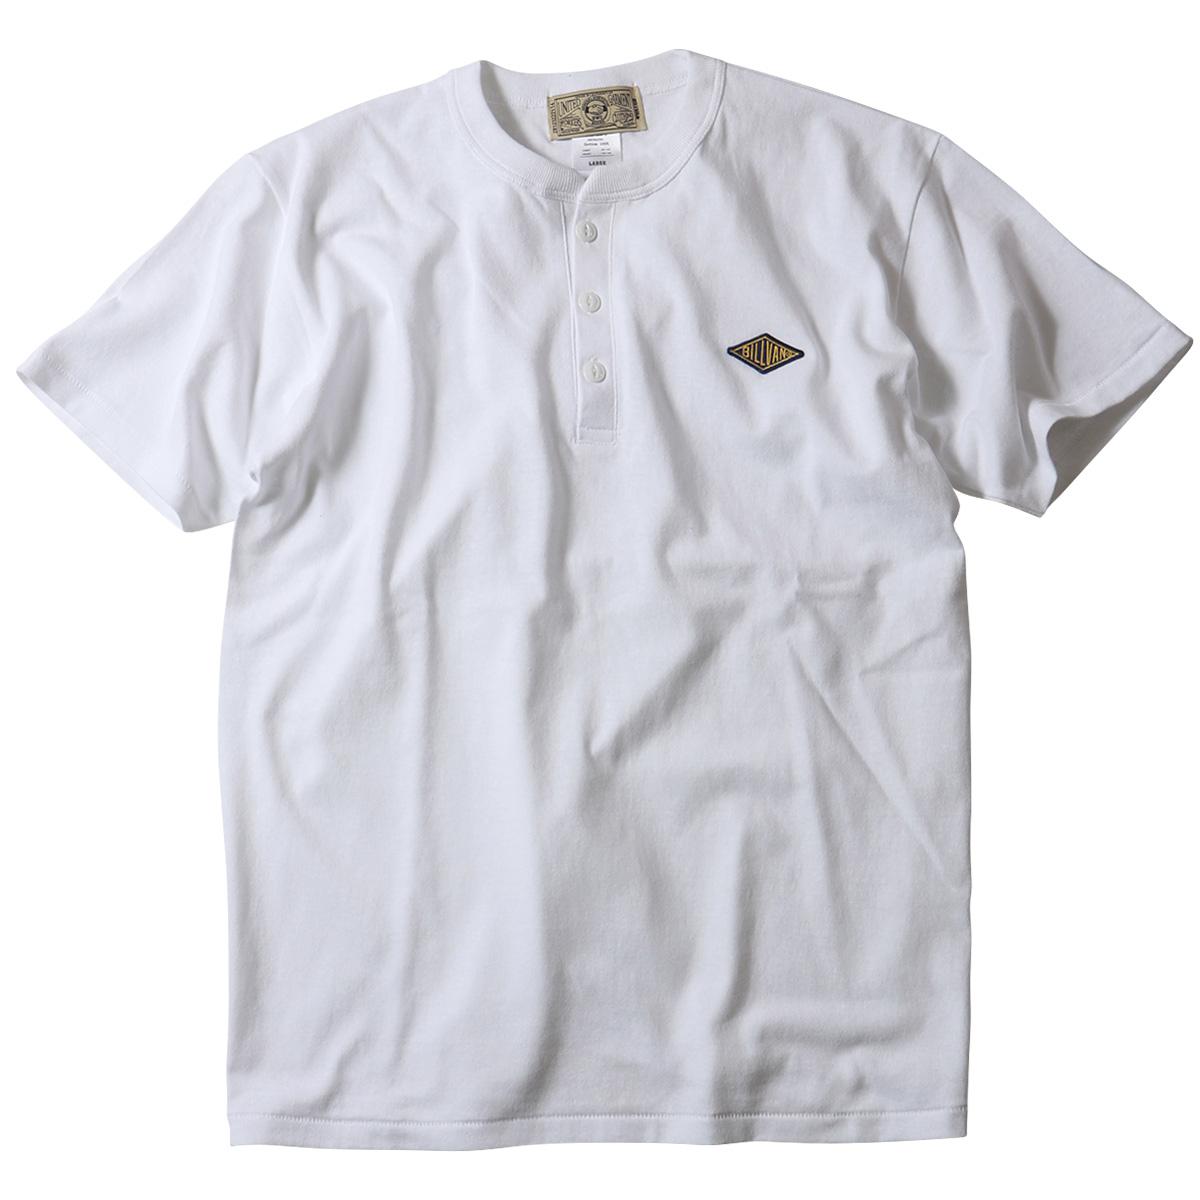 BILLVAN オーセンティック・ヘンリーネック 半袖Tシャツ ビルバン アメカジ